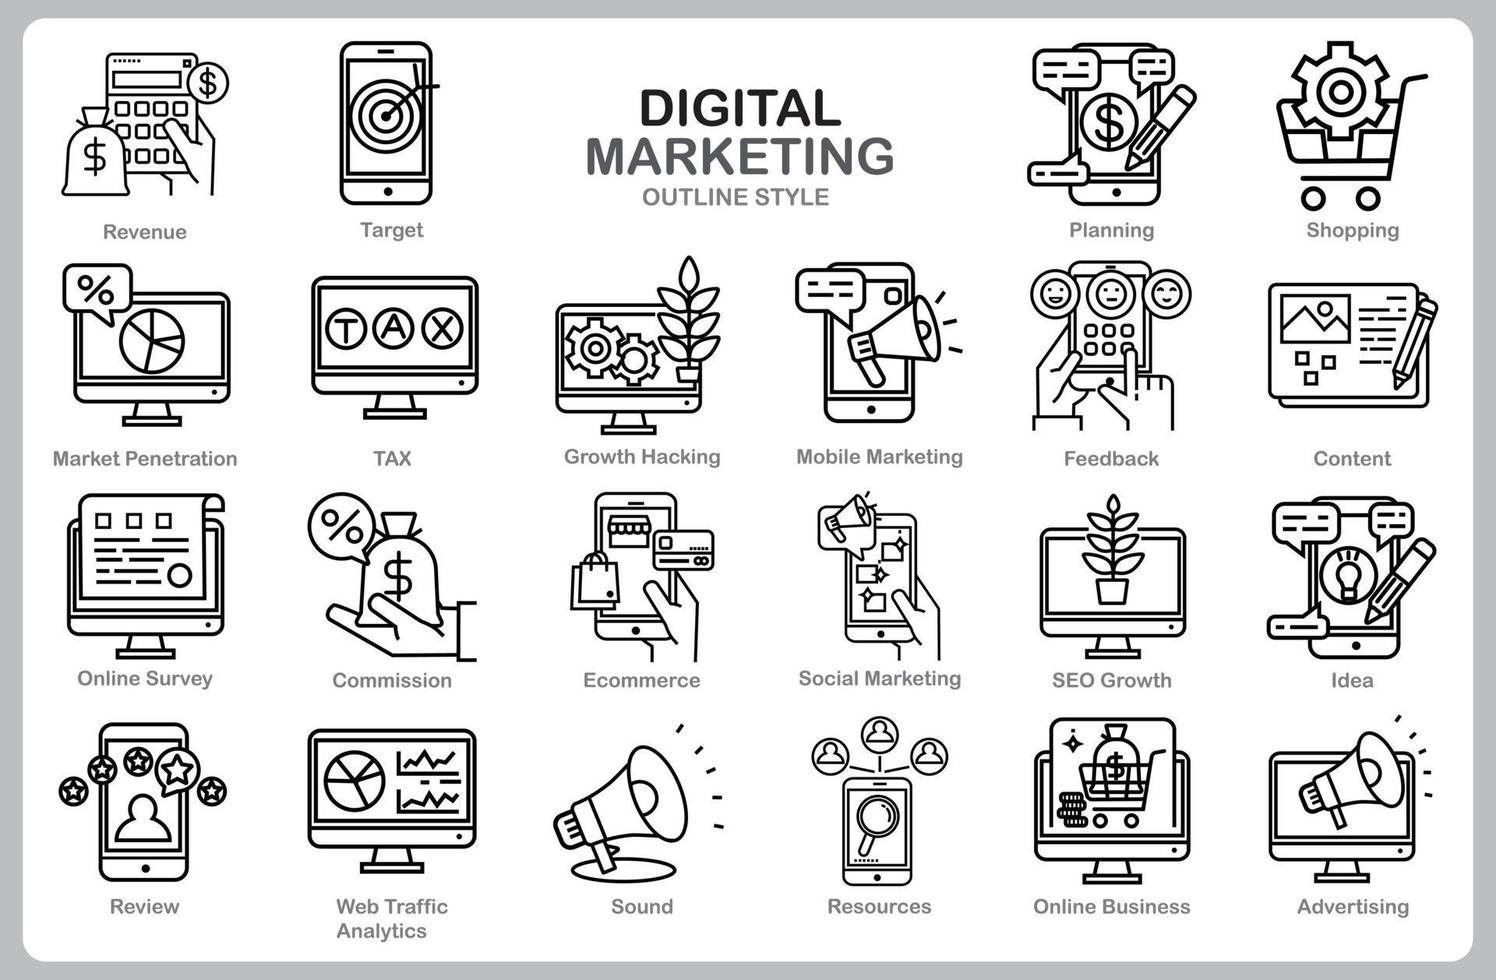 digital marknadsföringsuppsättning för webbplats, dokument, affischdesign, utskrift, applikation. digital marknadsföring koncept ikon dispositionsformat. vektor